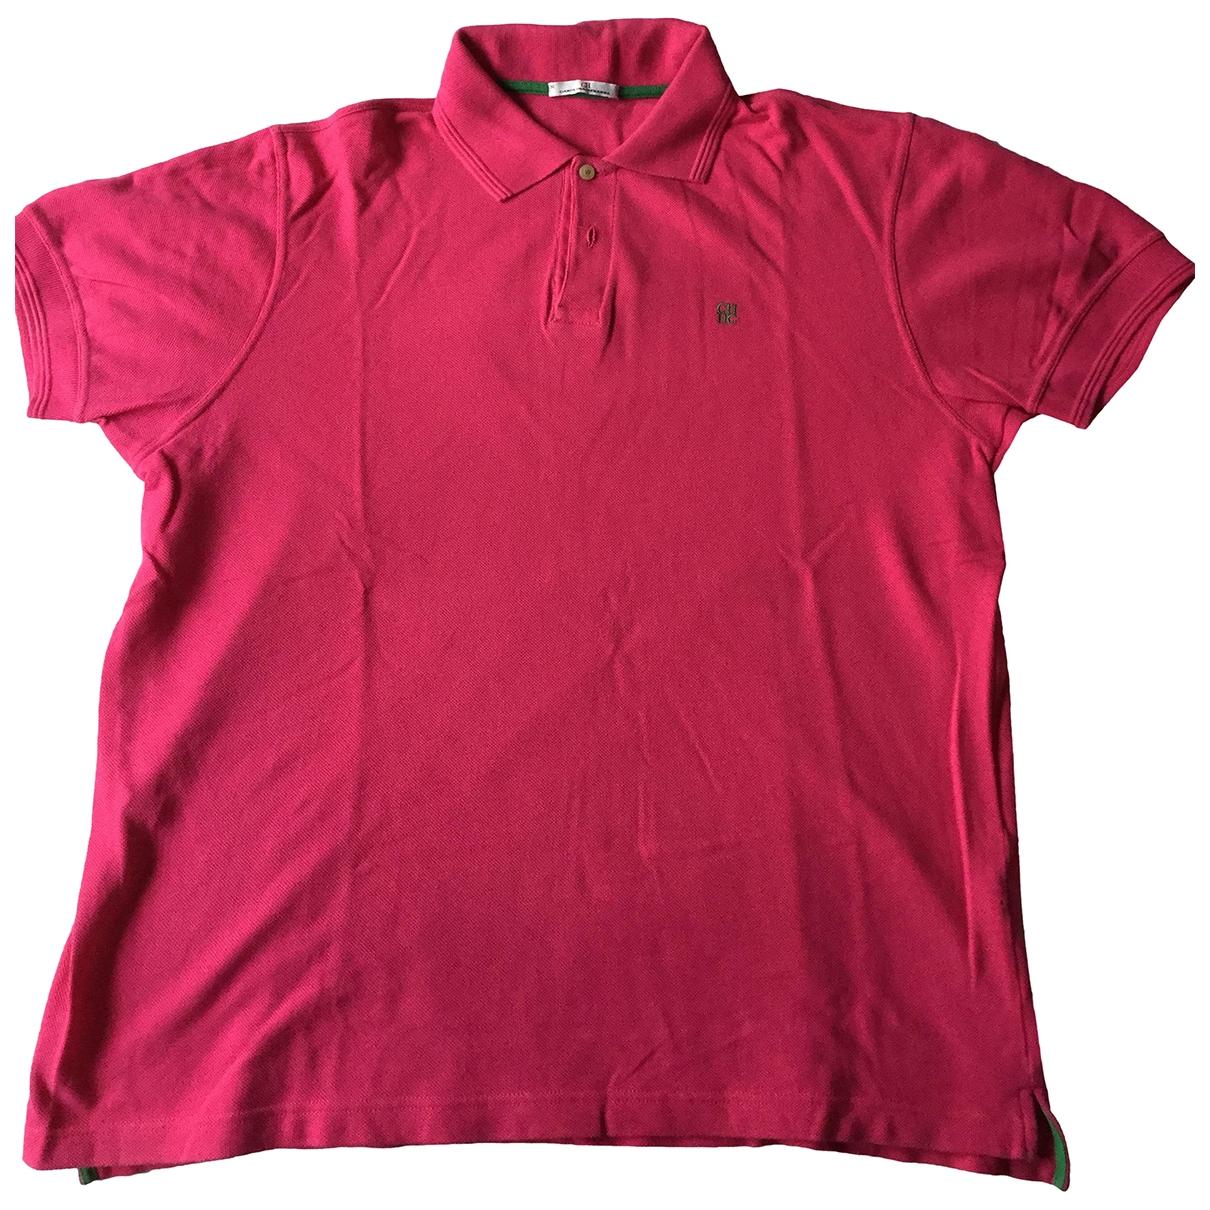 Carolina Herrera - Polos   pour homme en coton - rose